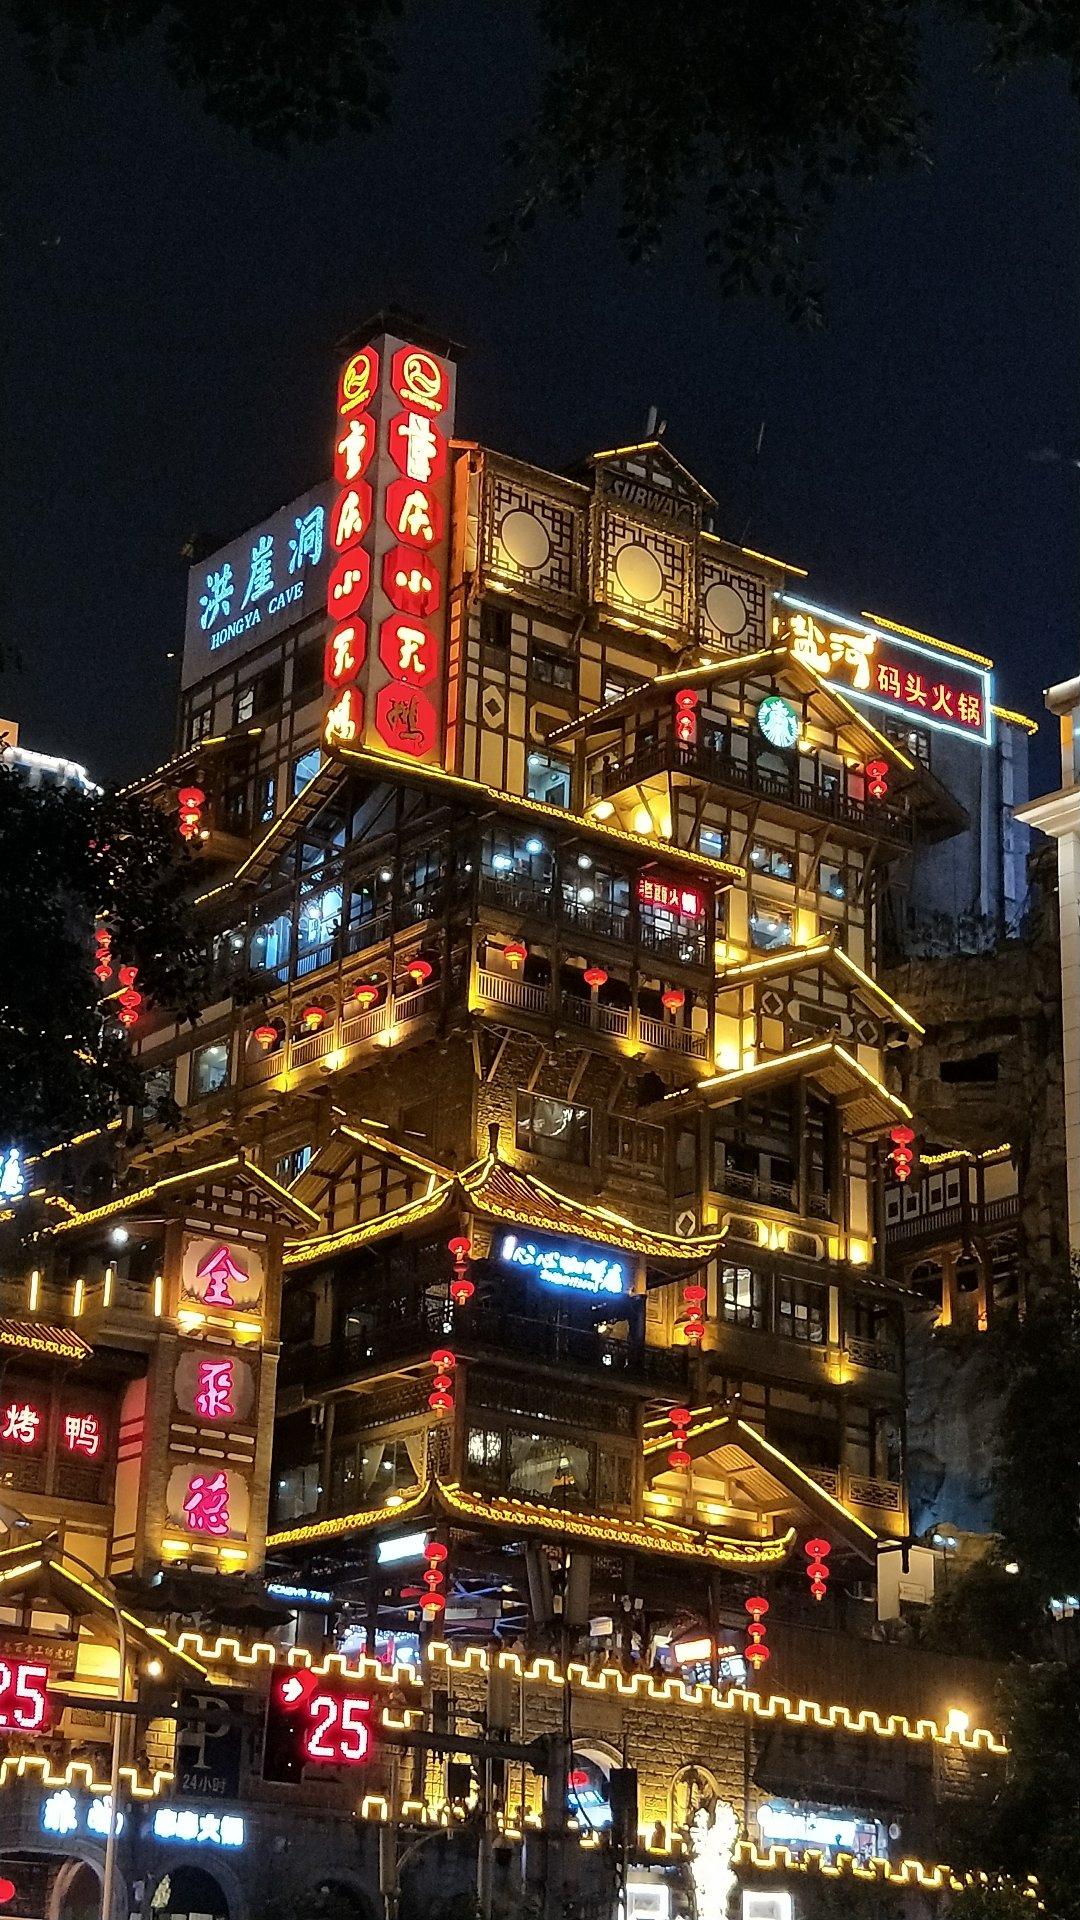 重庆市九龙坡区石小路靠近奇星幼儿园(石小路)天气预报